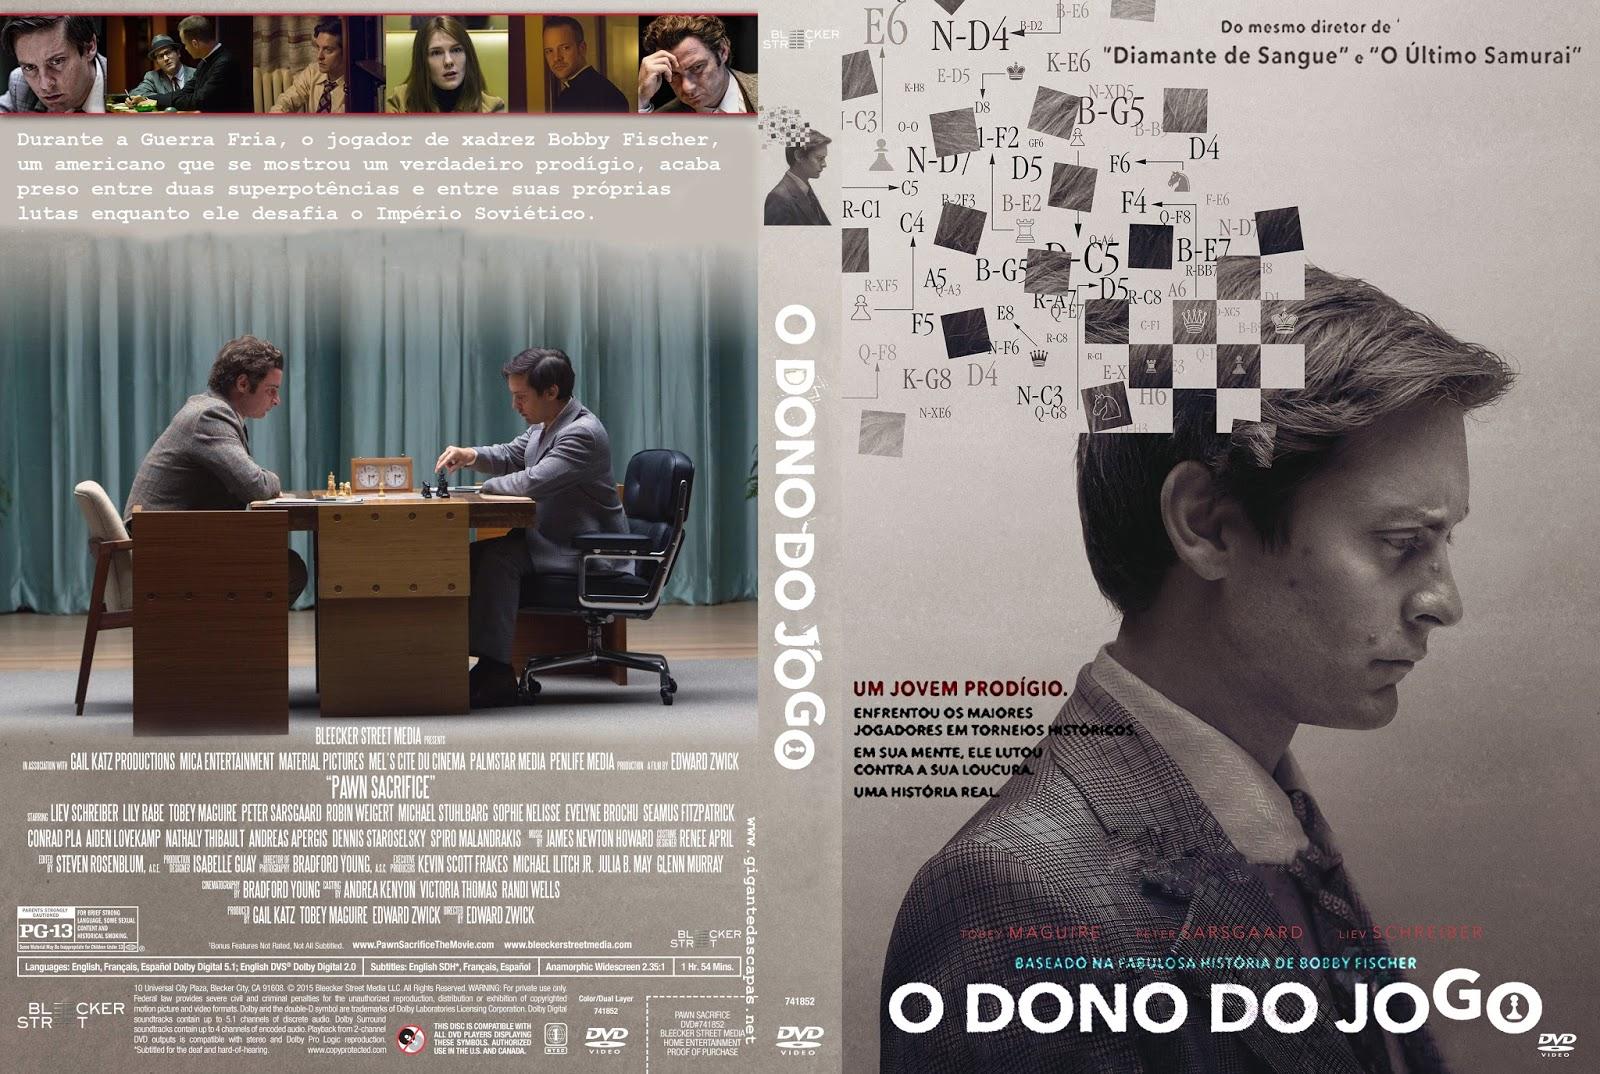 O Dono do Jogo DVD-R O 2BDono 2Bdo 2BJogo 2B 25282016 2529